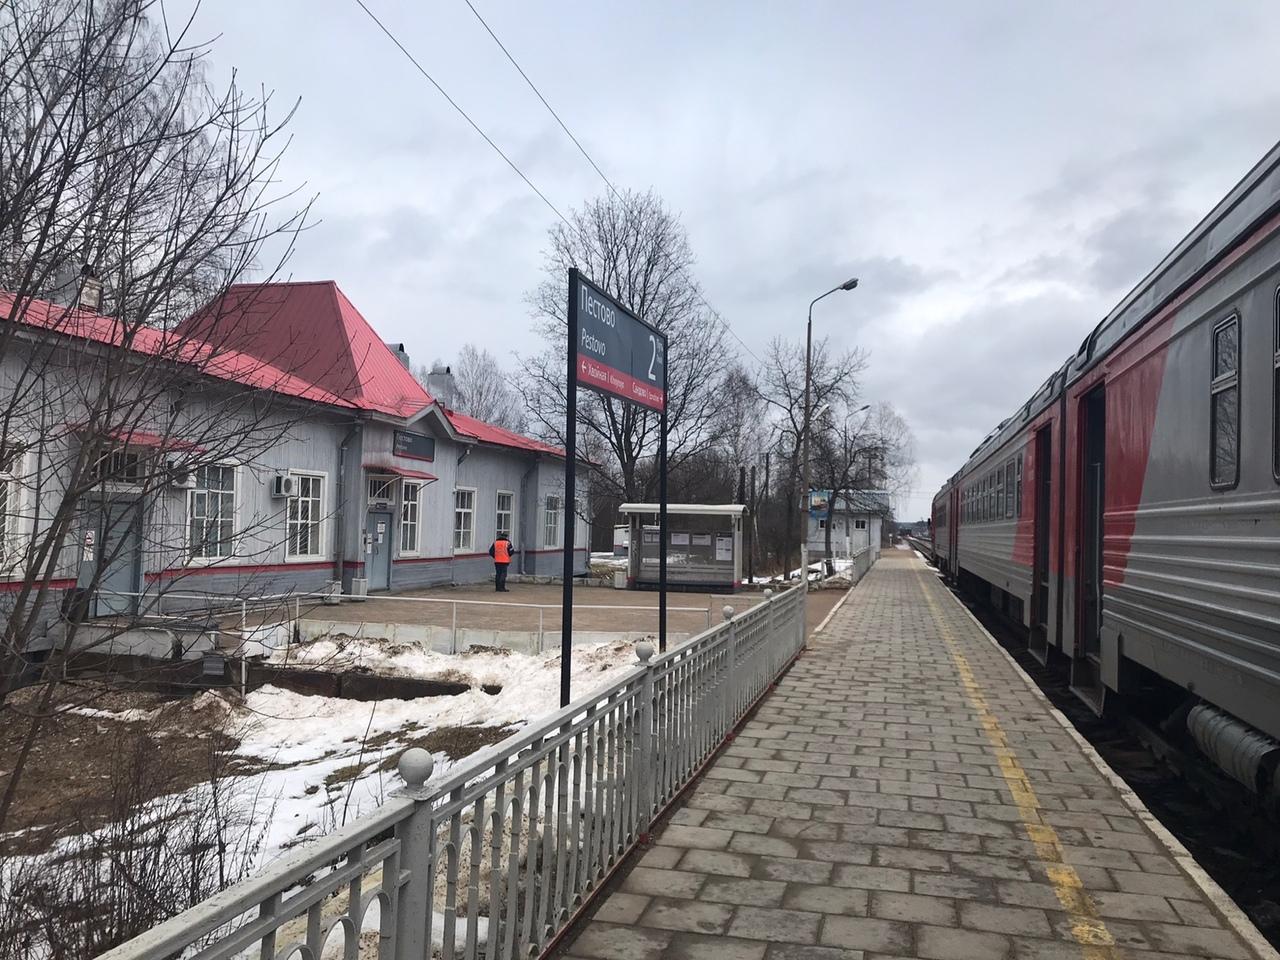 В.Новгород-Чудово-Кириши-Пестово .19.02.2020 PT4lhz43WYk.jpg